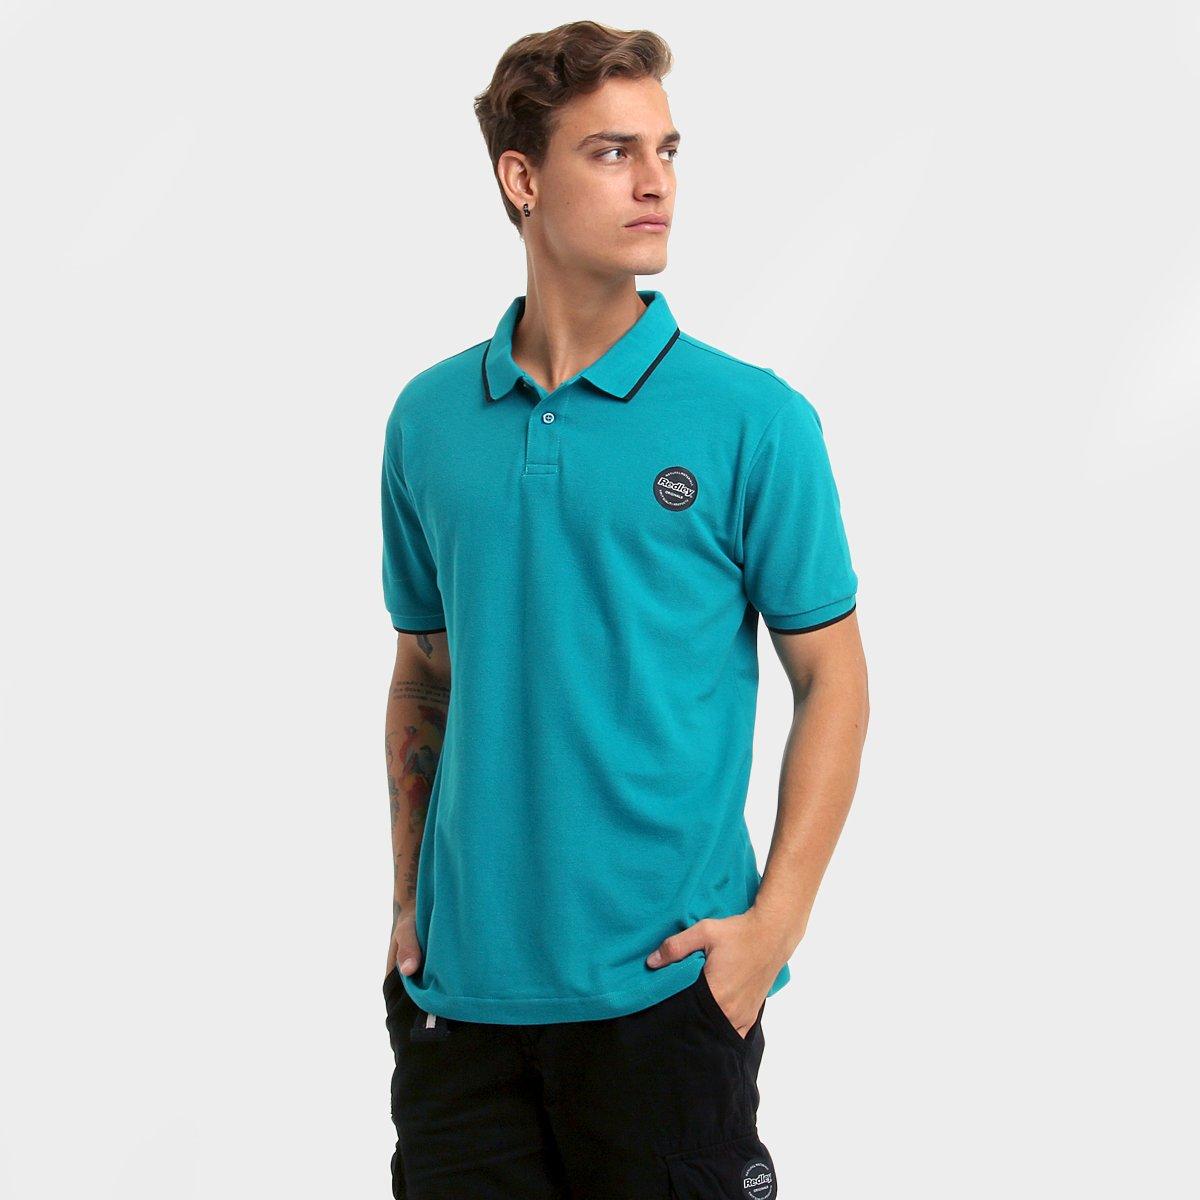 589e0a55a3 Camisa Polo Redley Piquet Friso Básica - Compre Agora